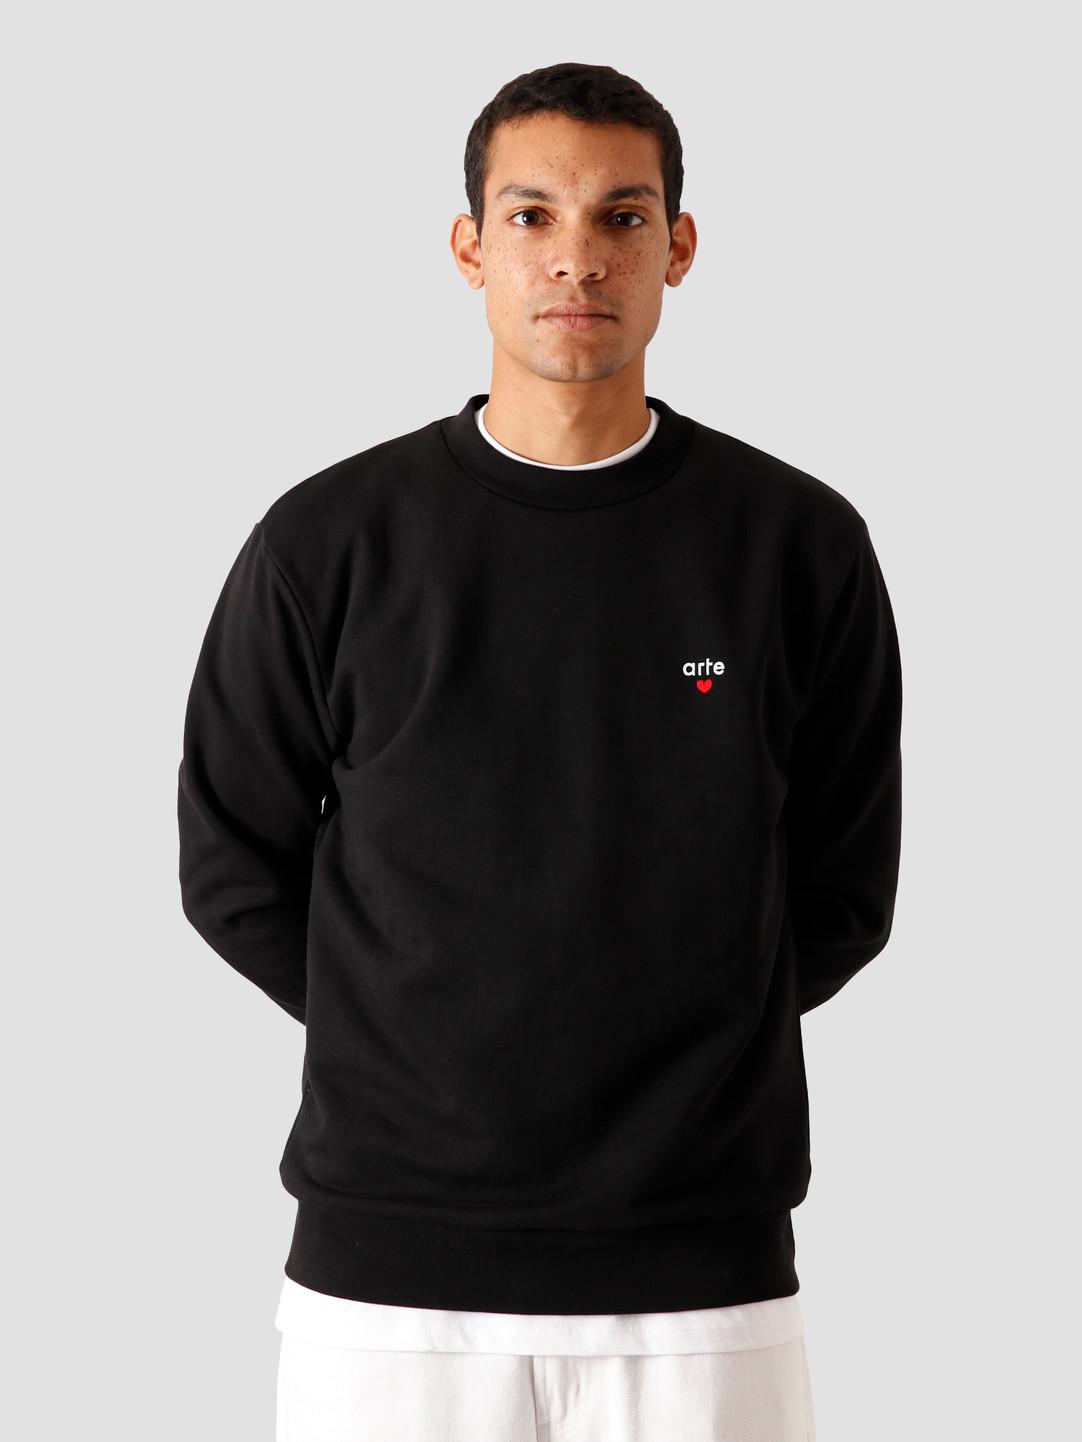 Arte Antwerp,Chuck heart logo sweater zwart,aw20 046c black